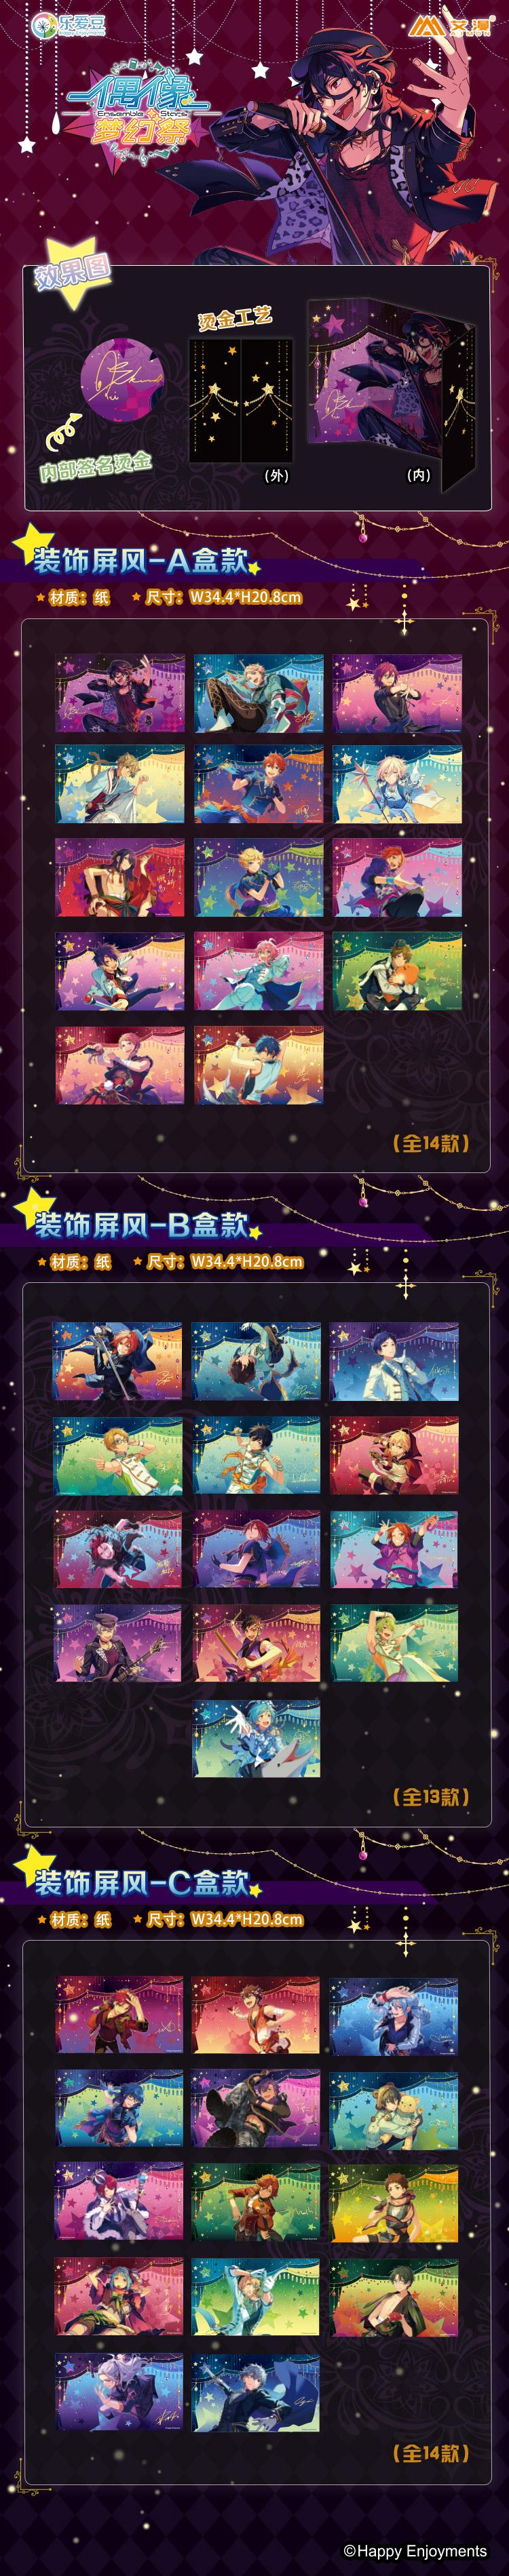 1554349387492偶像梦幻祭-屏风征订单.jpg